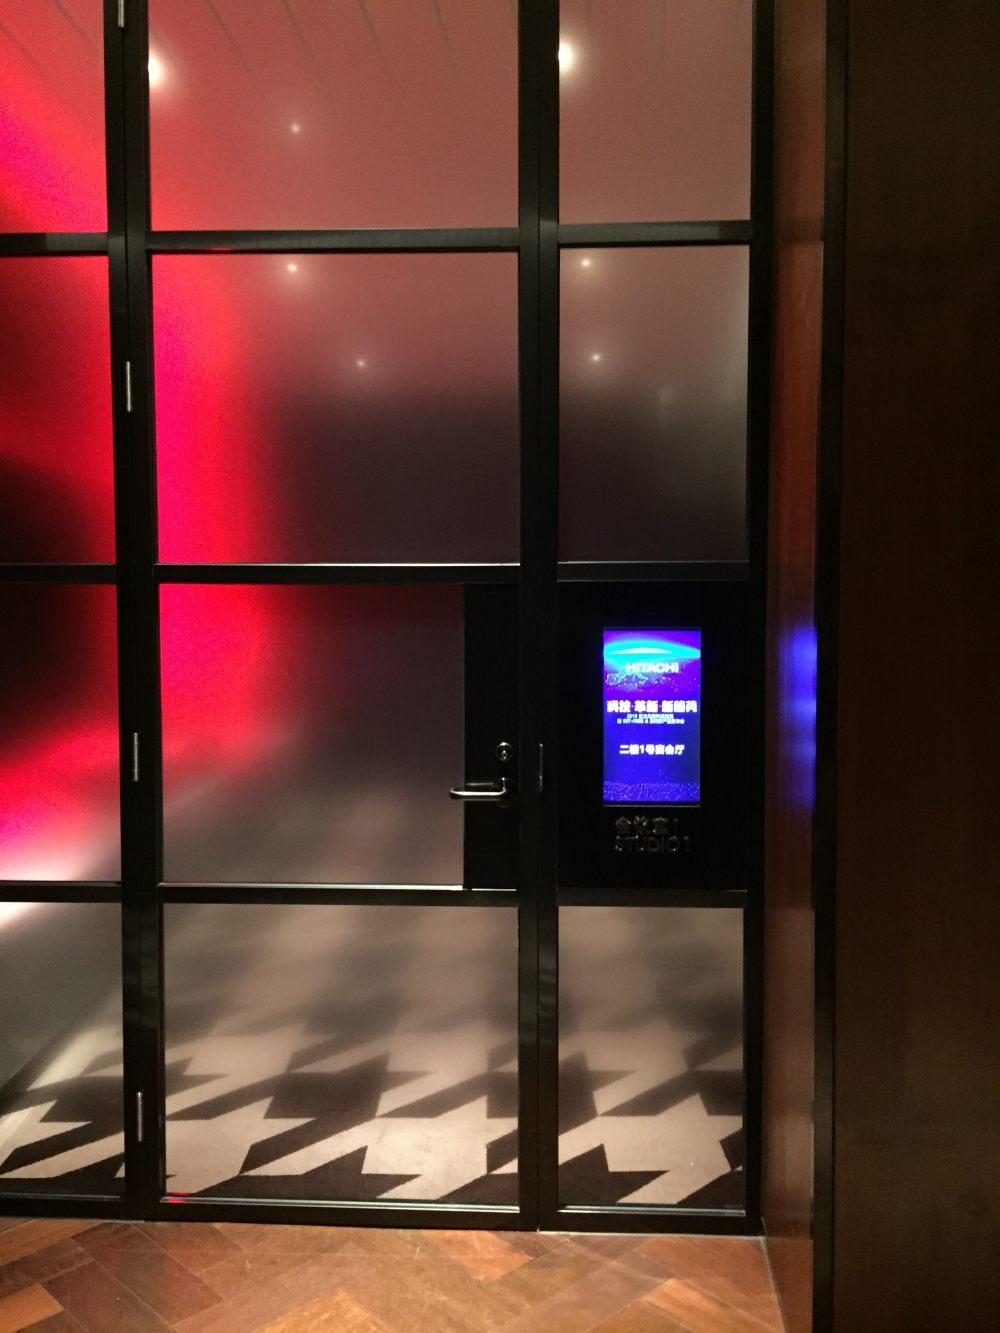 上海外滩W酒店,史上最全入住体验 自拍分享,申请置...._IMG_6054.JPG